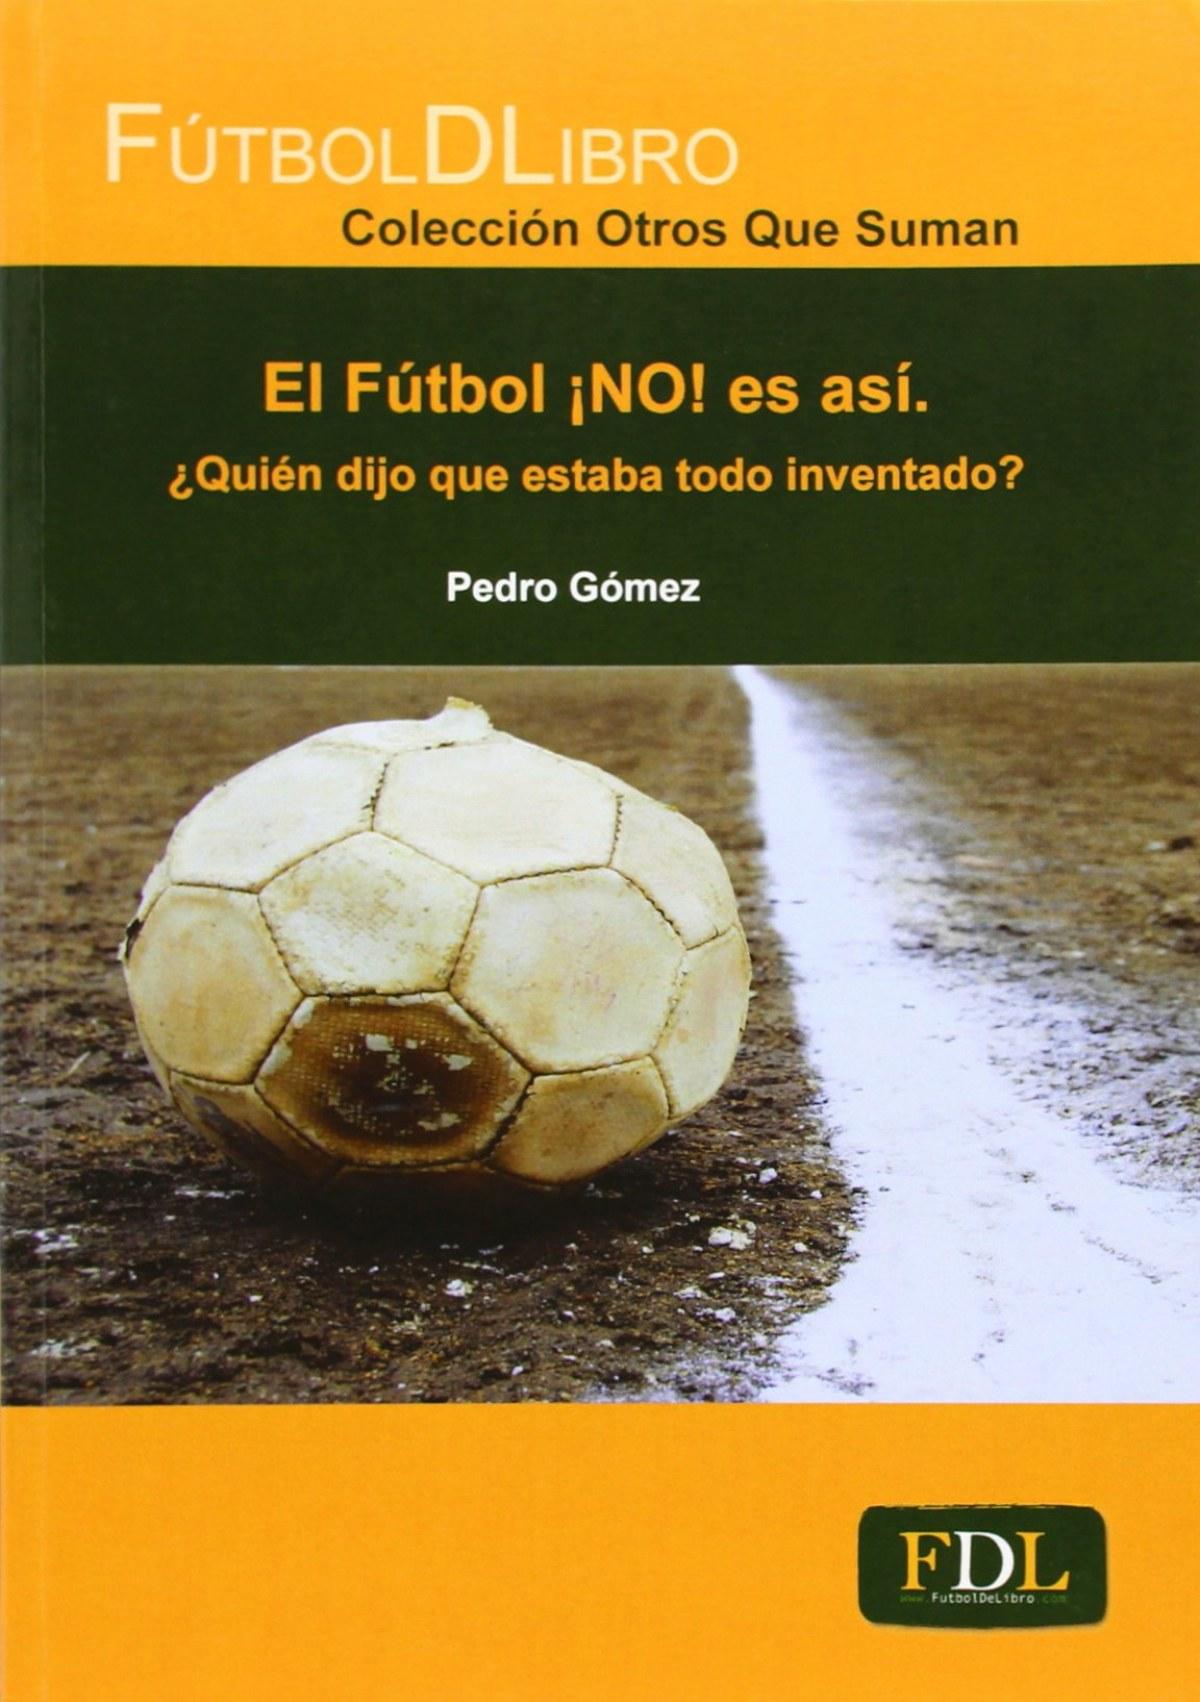 El fútbol NO! es asi 9788494098482